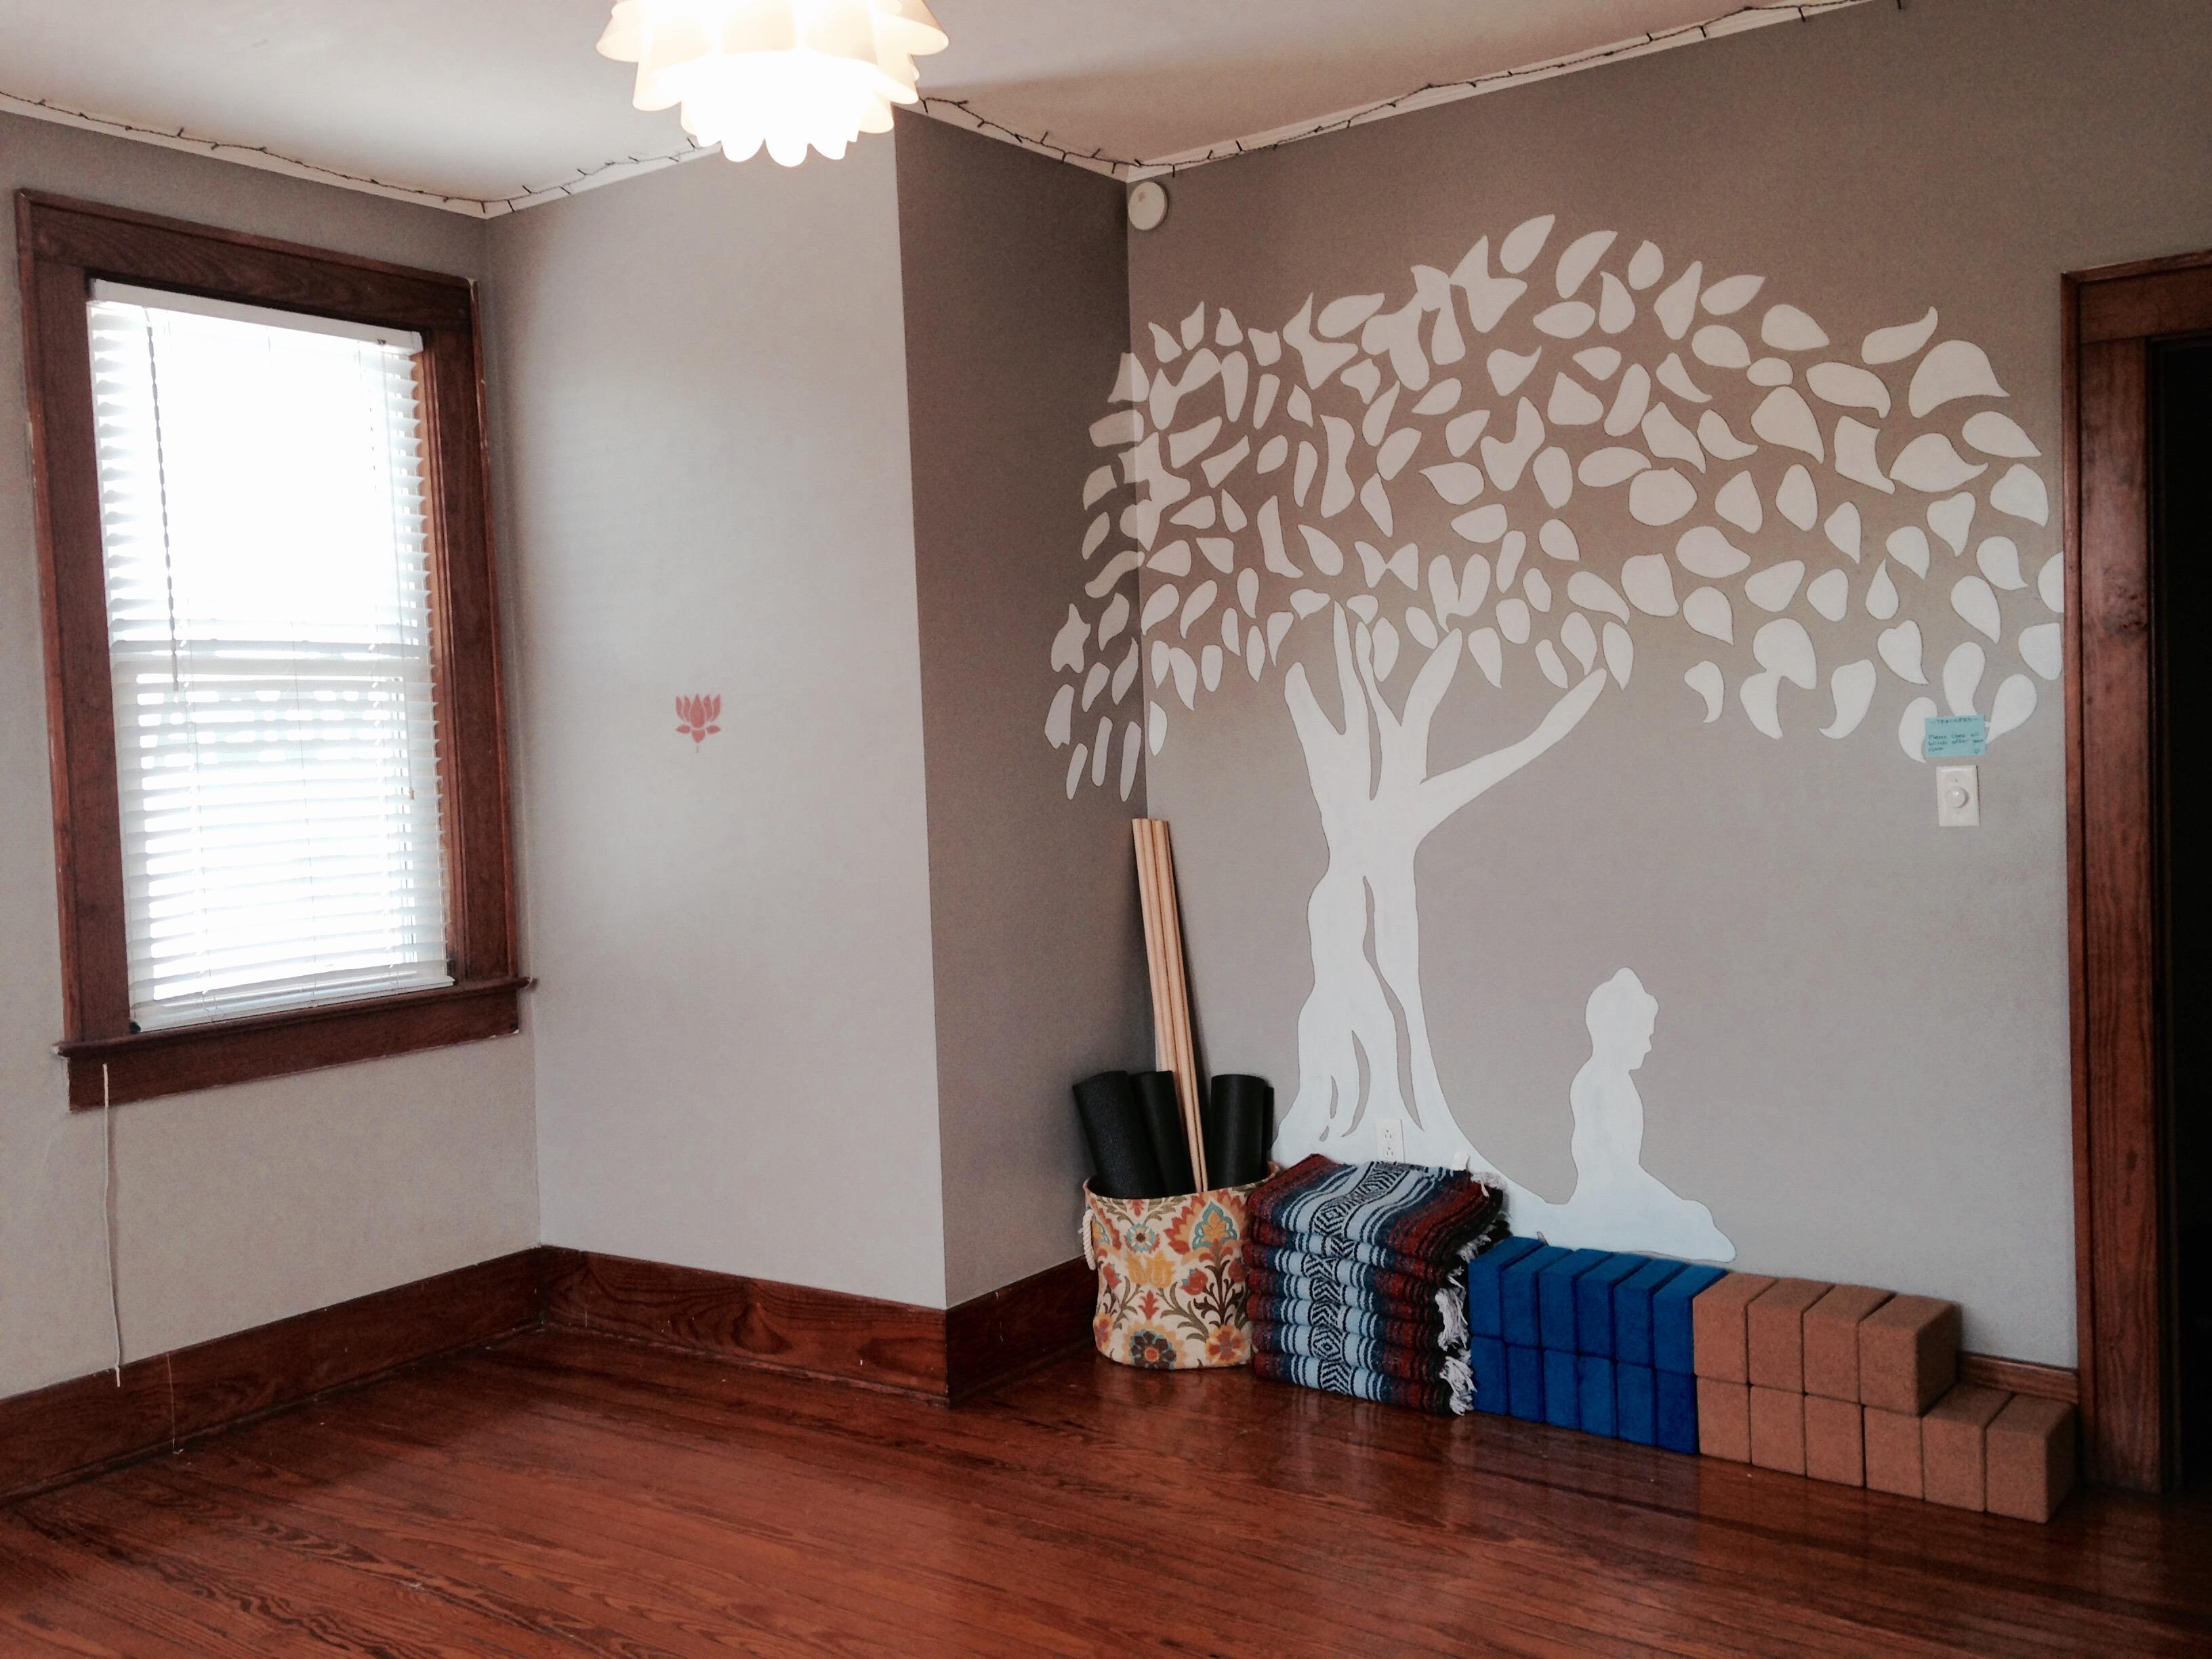 Barefoot Yoga Studio image 0